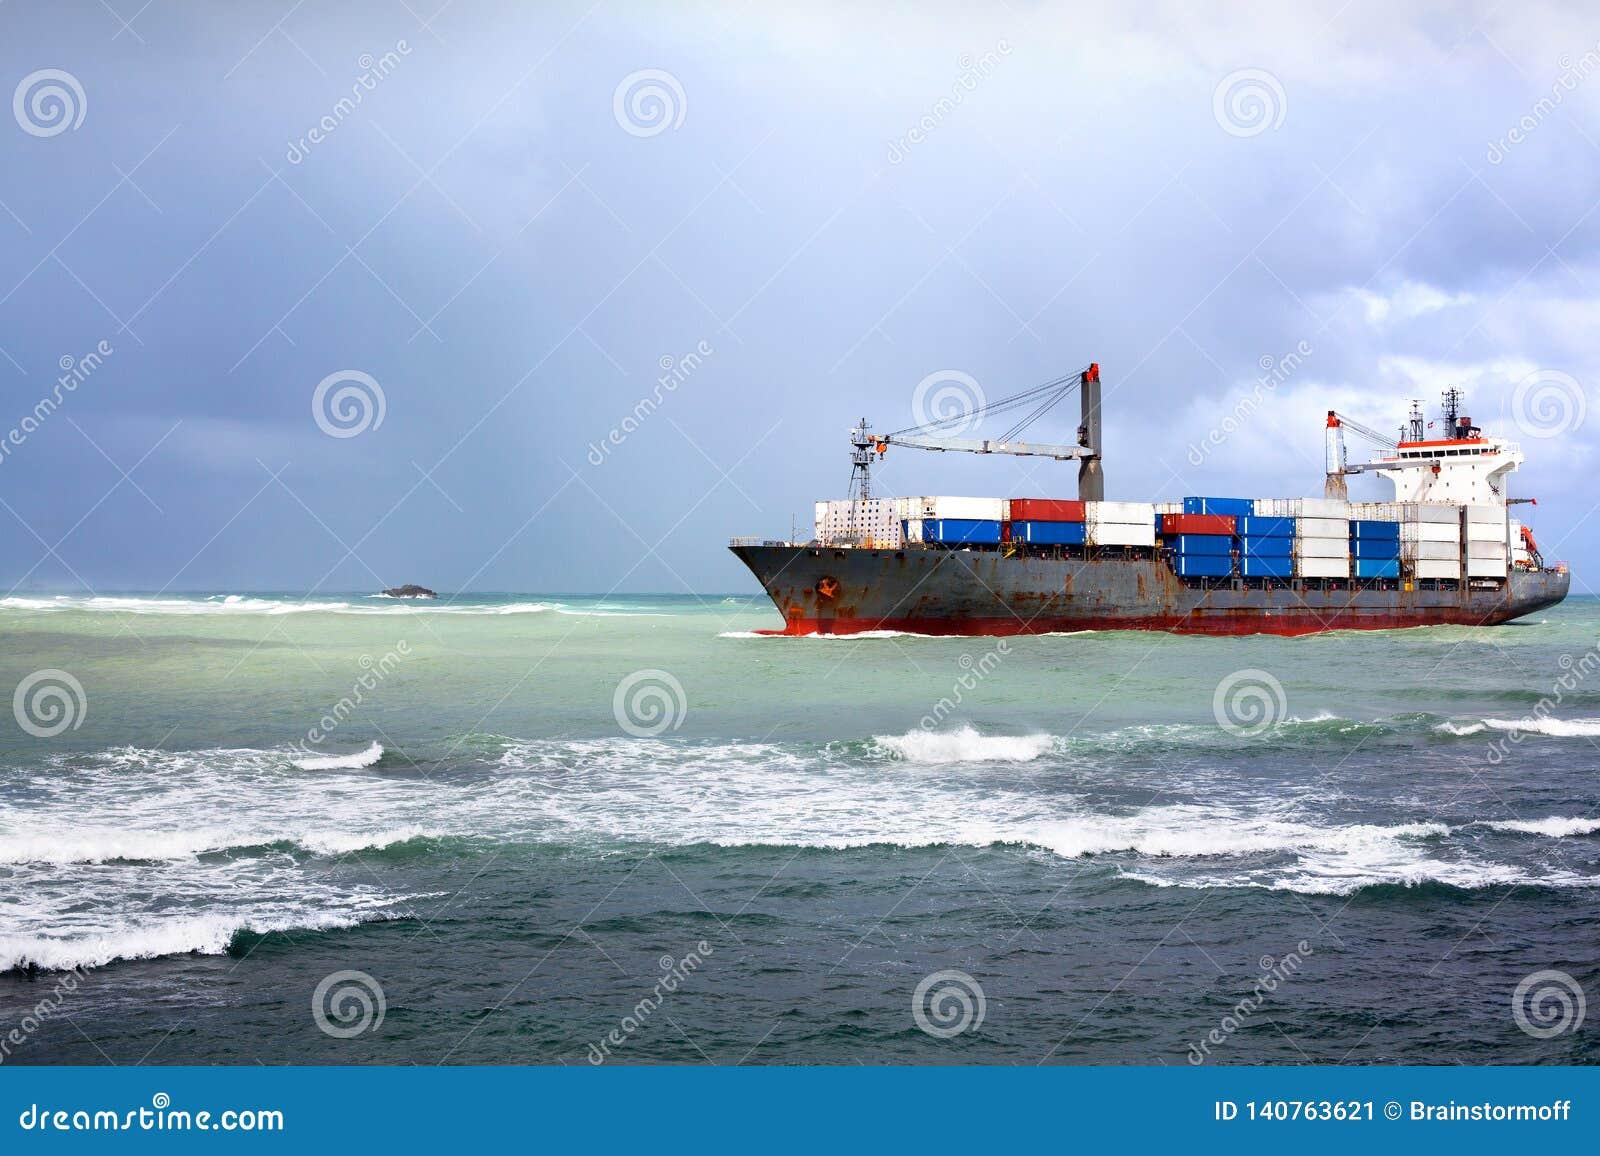 Det torra lastfartyget, skytteln för bäraren i stora partier med behållare ombord skriver in havshamnen i en hamnstad